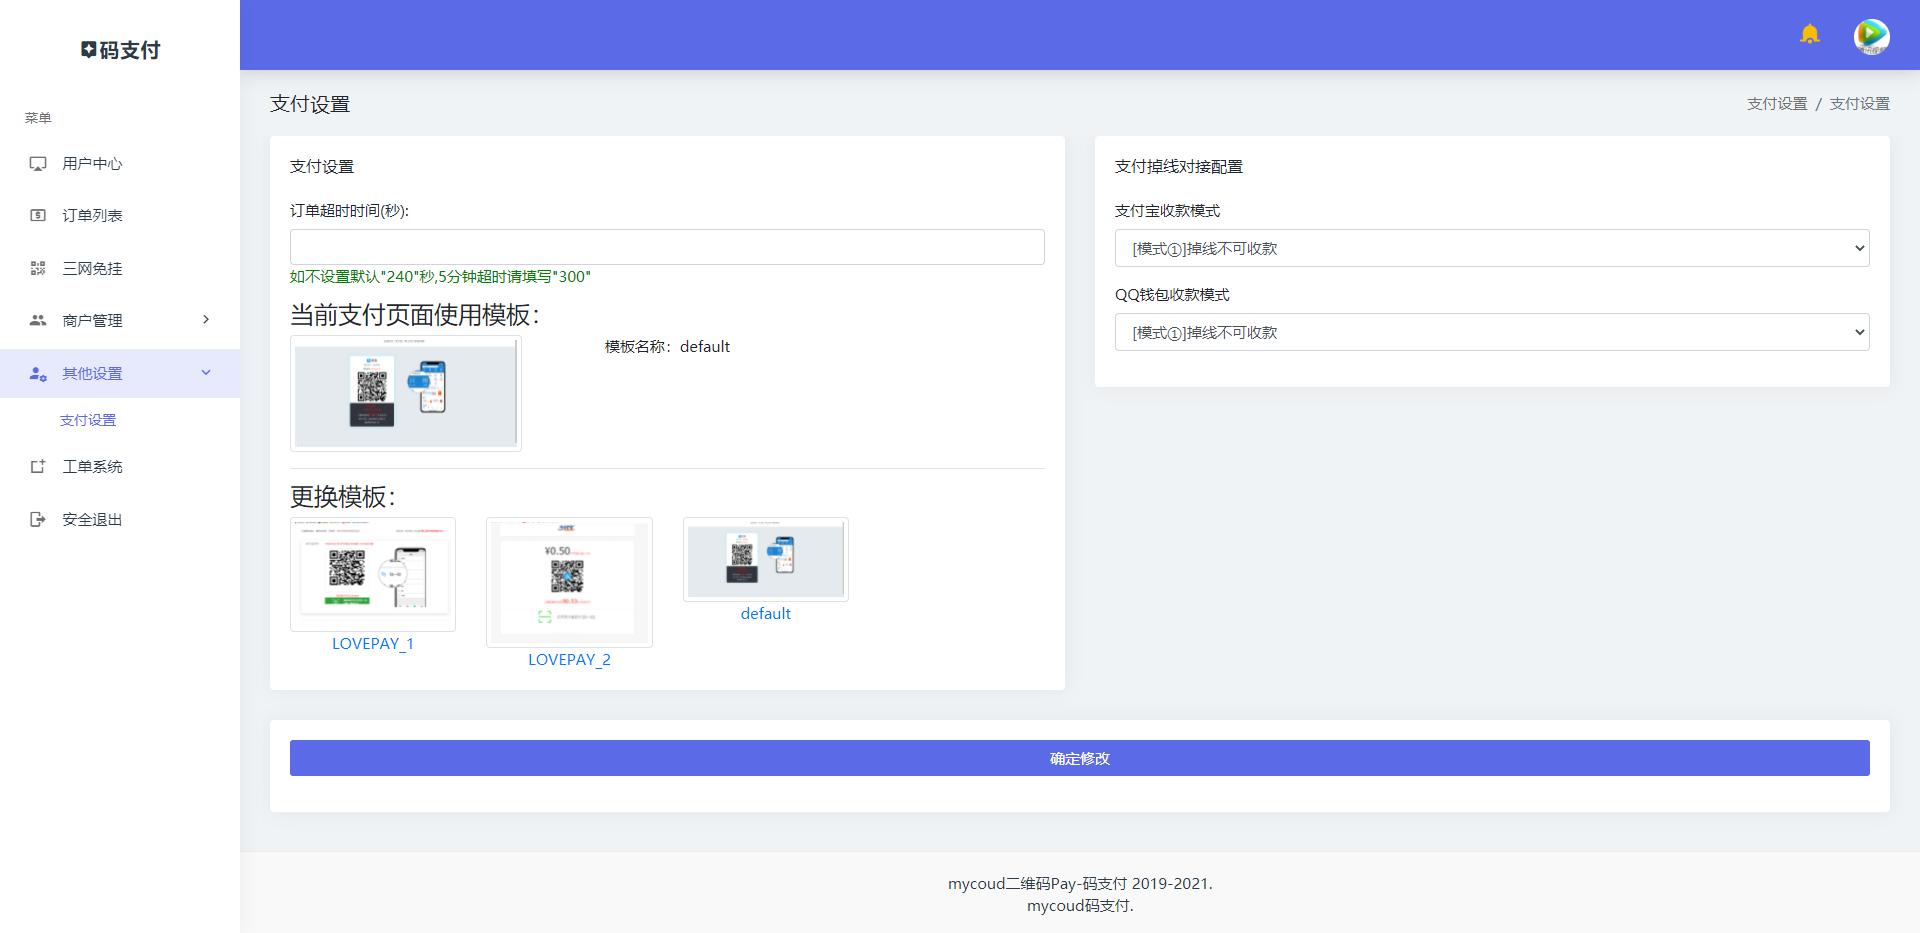 三网免挂码支付系统软件/二维码收款免签支付/全开源系统1.2版本号